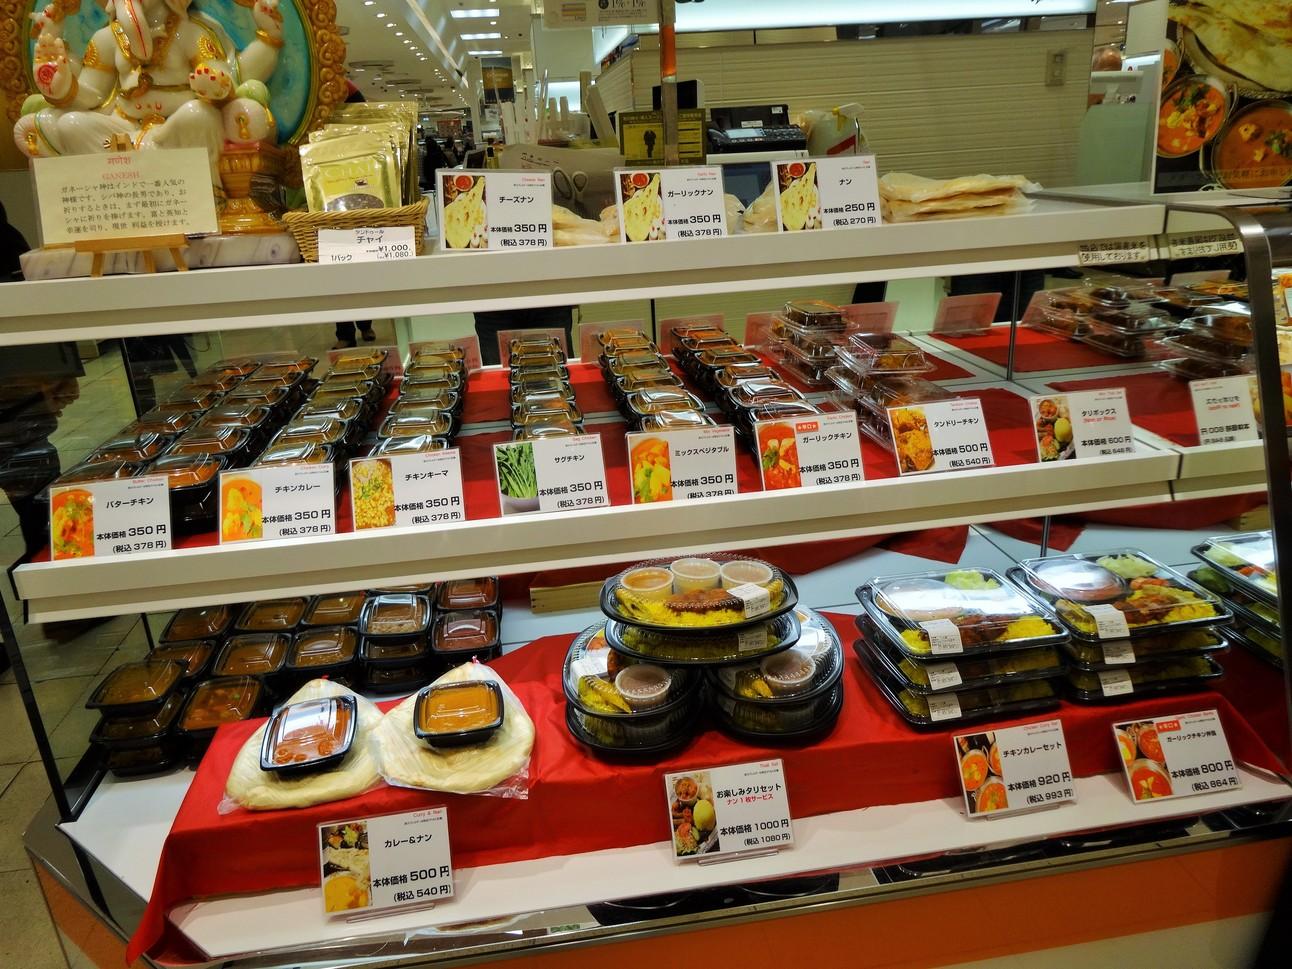 タンドゥール そごう横浜店